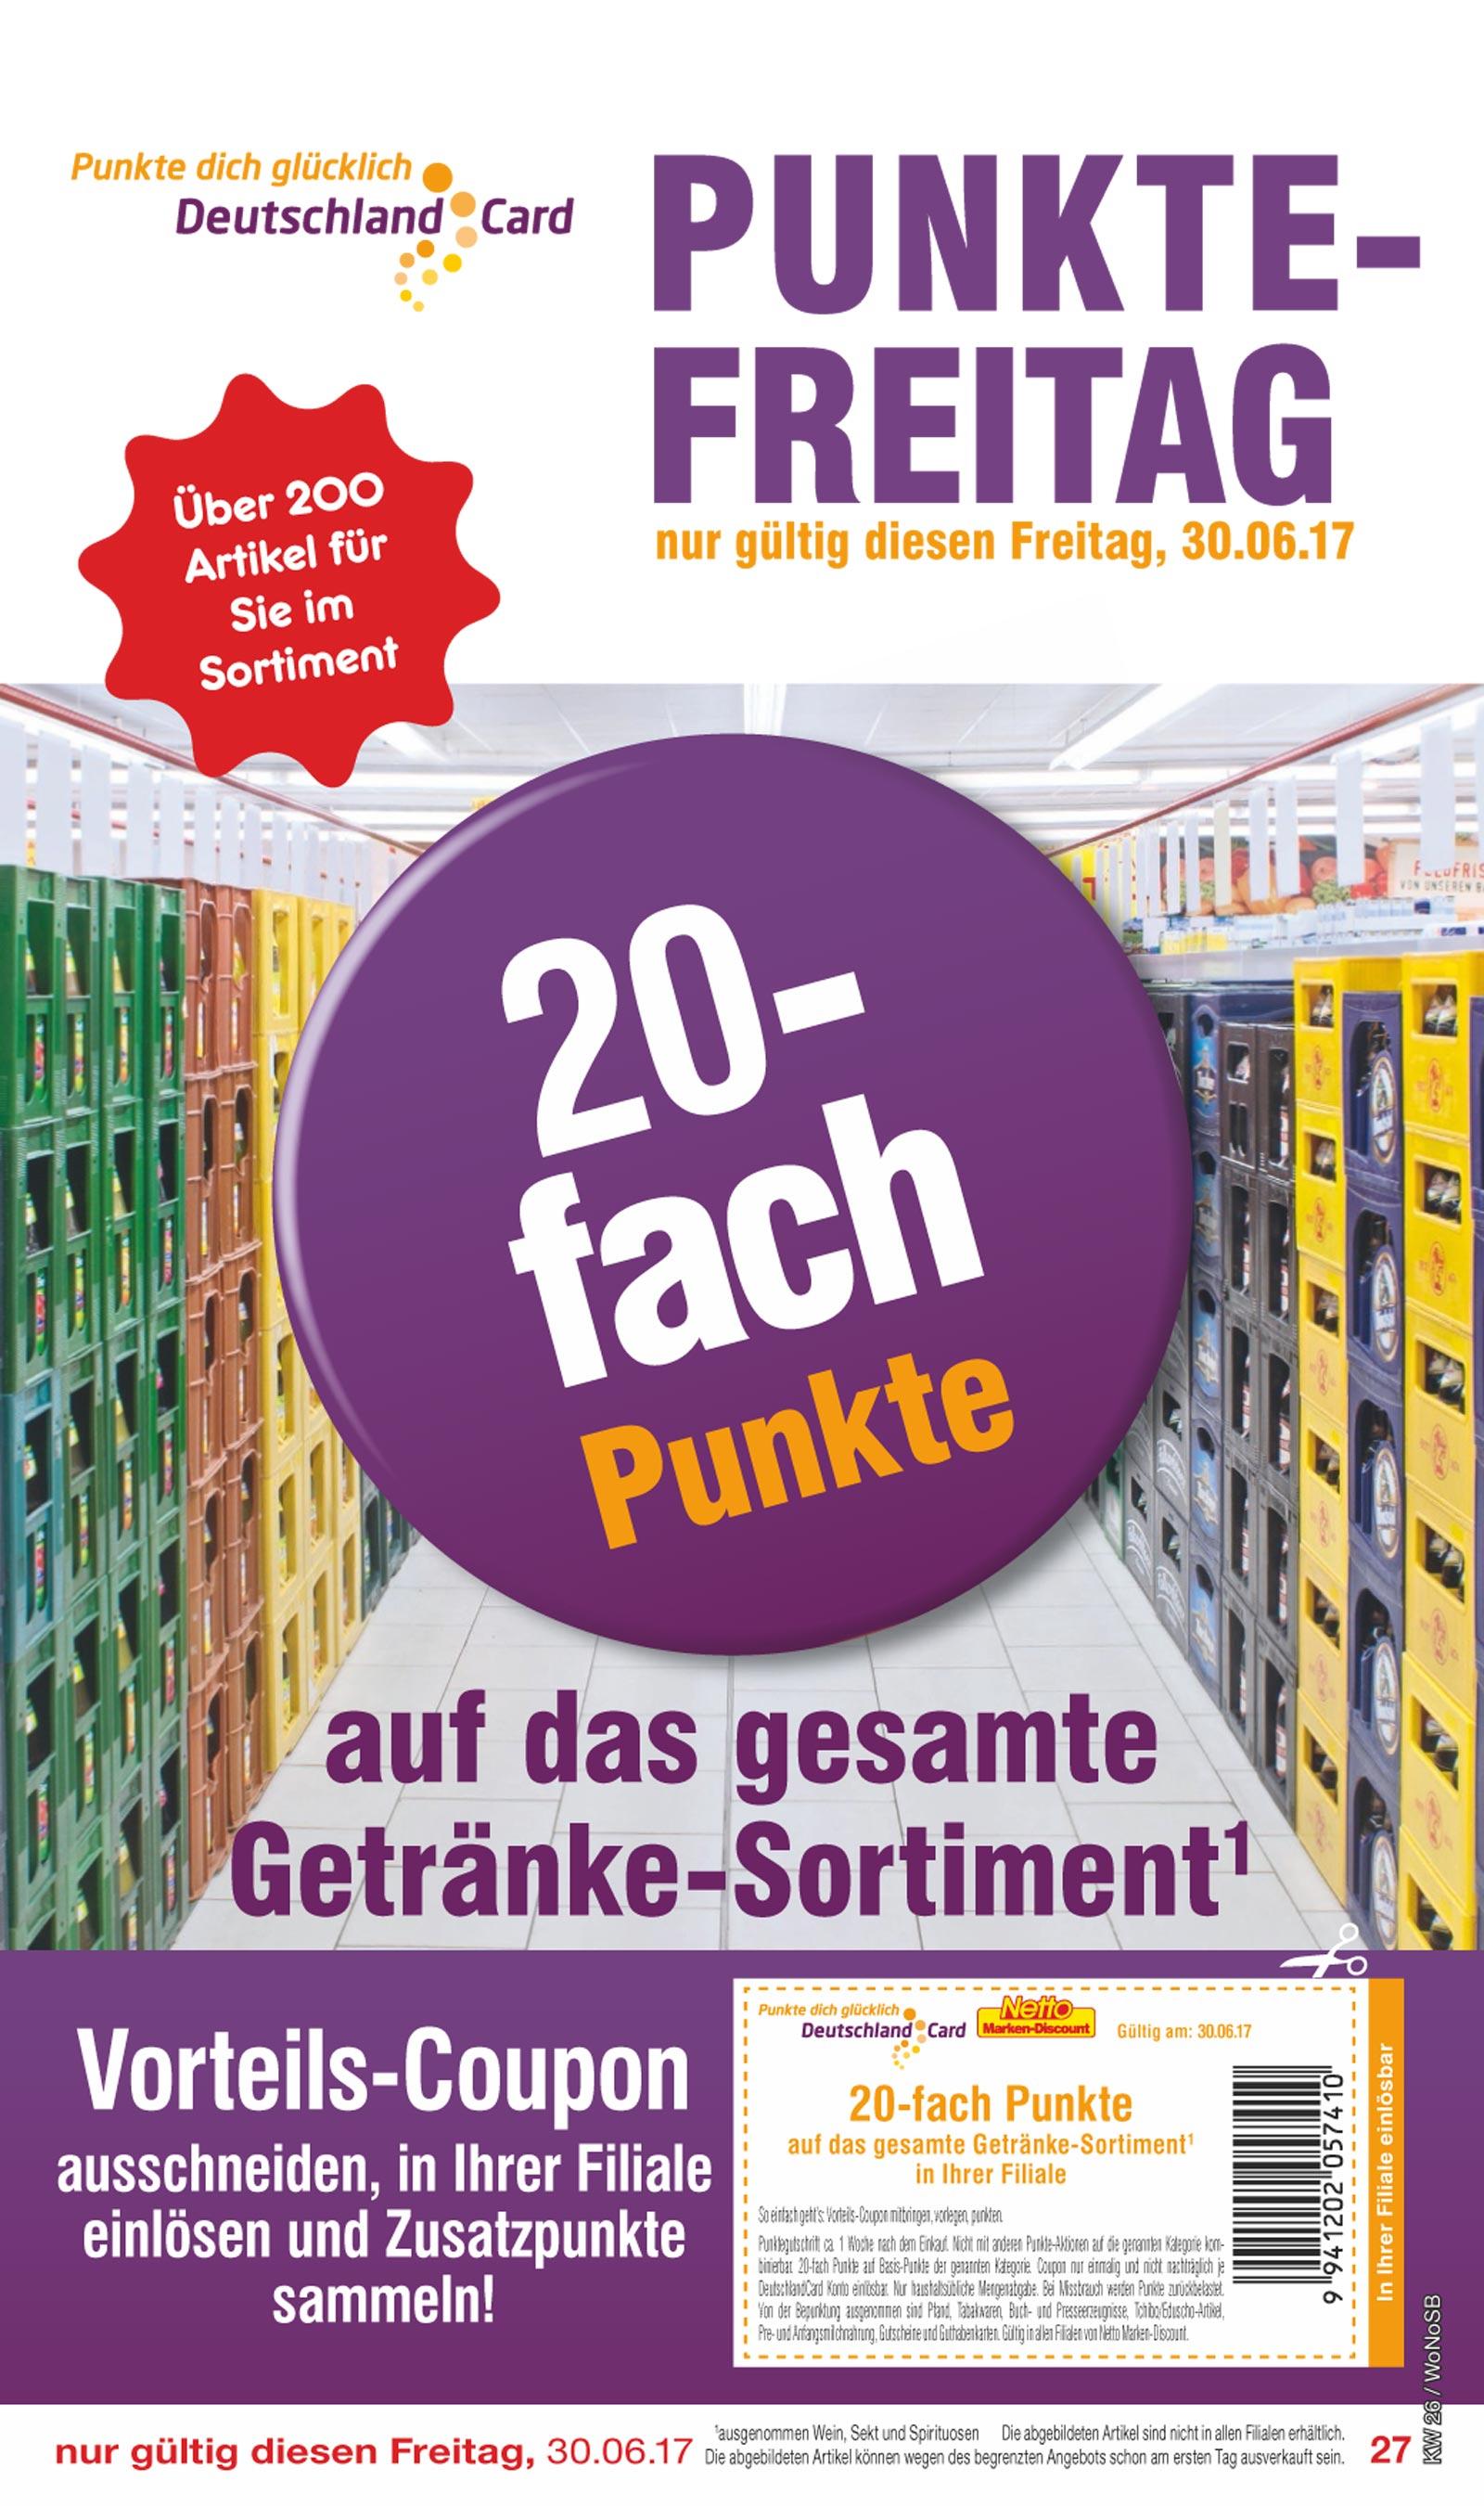 Netto MD / 20 fach Deutschlandcard Punkte auf das gesamte Getränkesortiment nur am 30.06